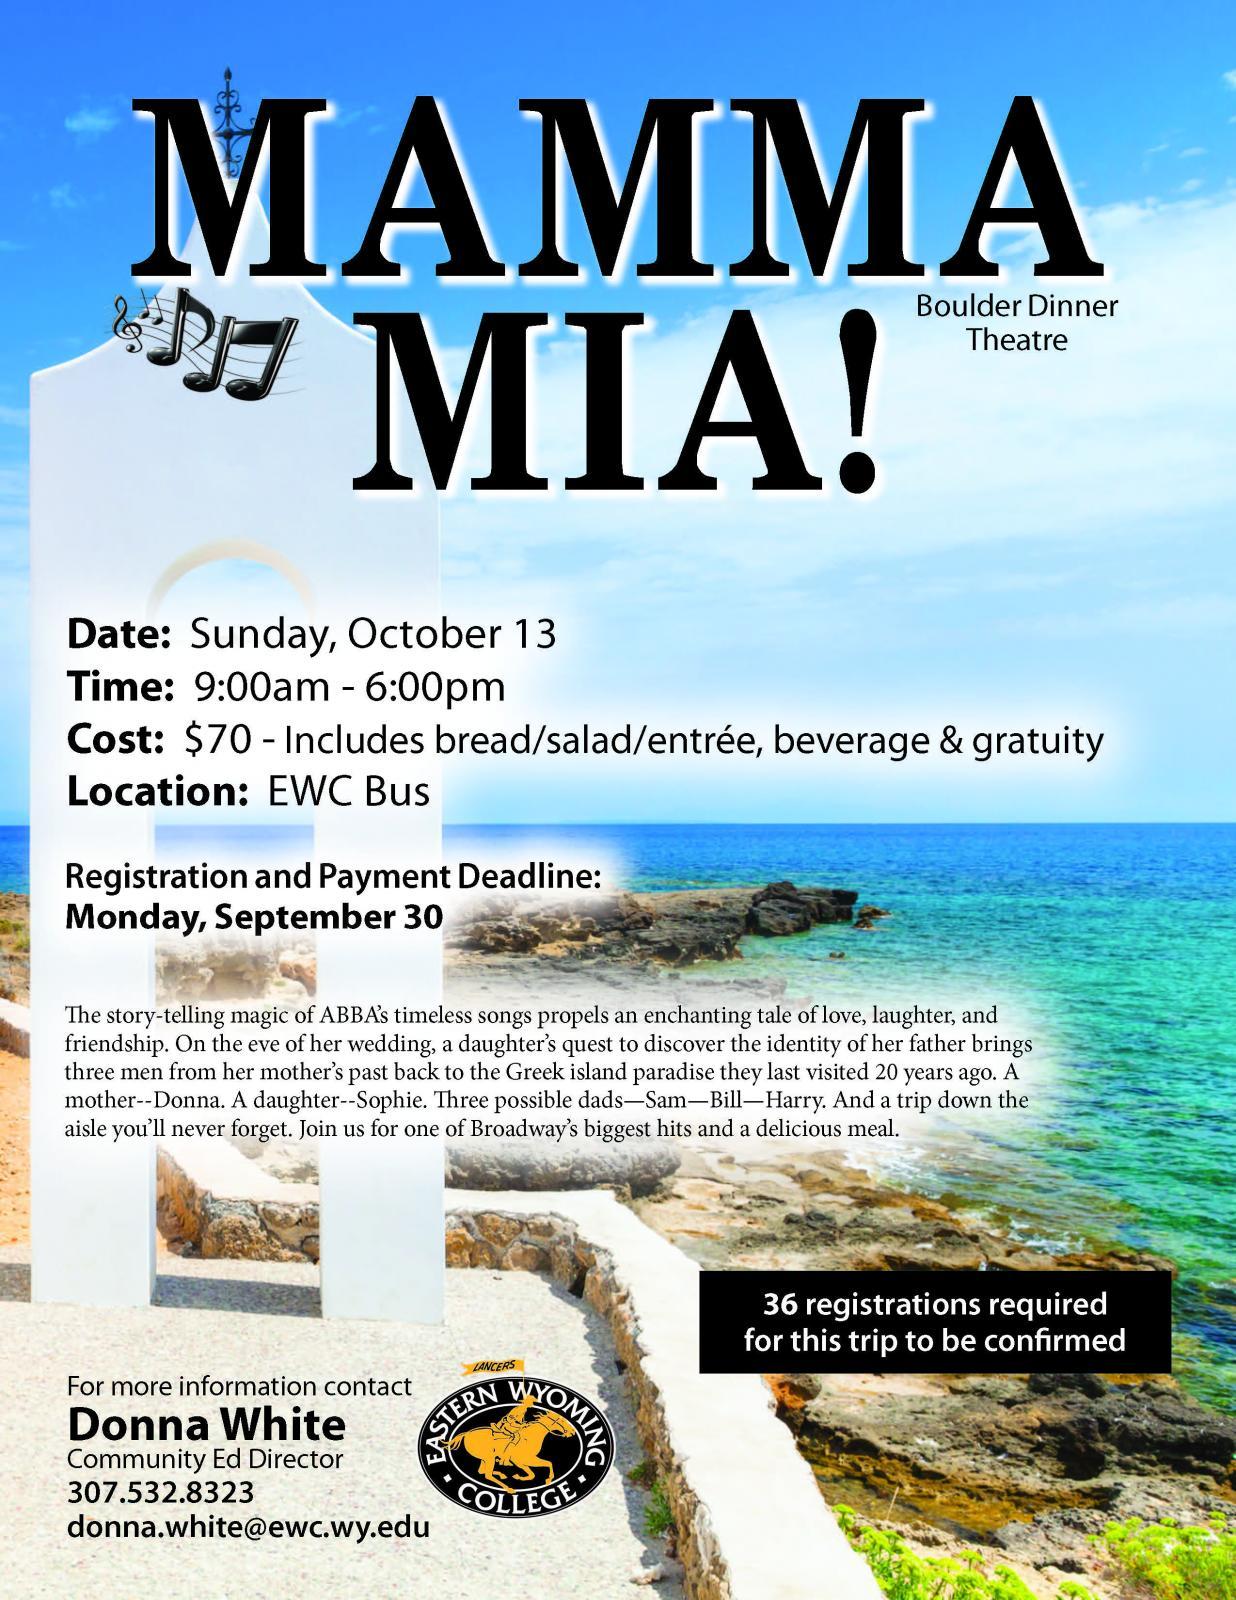 Event Promo Photo For EWC bus ride to MAMMA MIA!